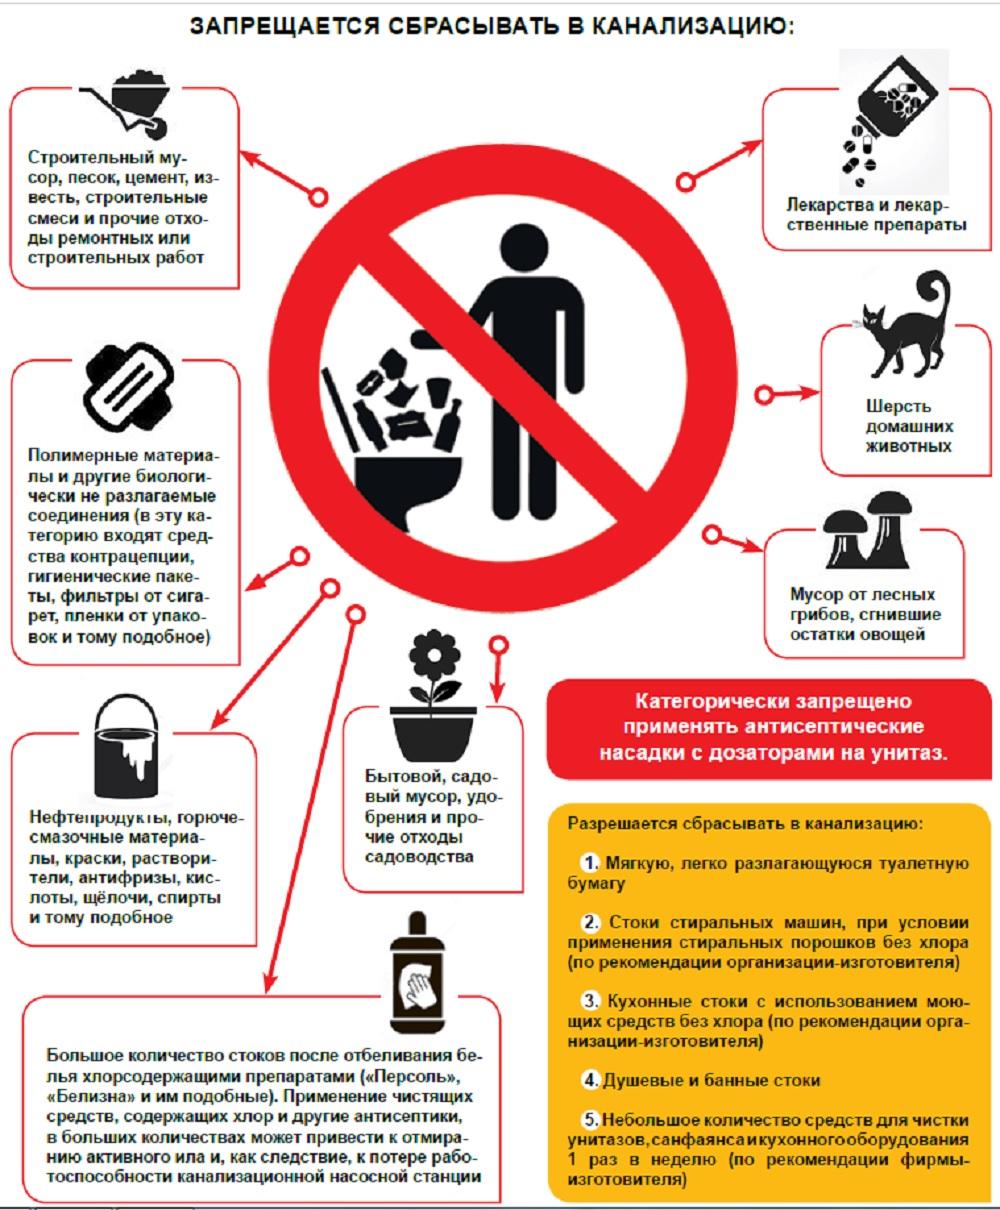 Неправильная эксплуатация внутридомовых систем водоотведения неизбежно ведет к засорам уличных сетей и выходу стоков на дворовую территорию или проезжую часть. Избежать этого возможно, если сливать в канализацию только жидкие бытовые отходы.